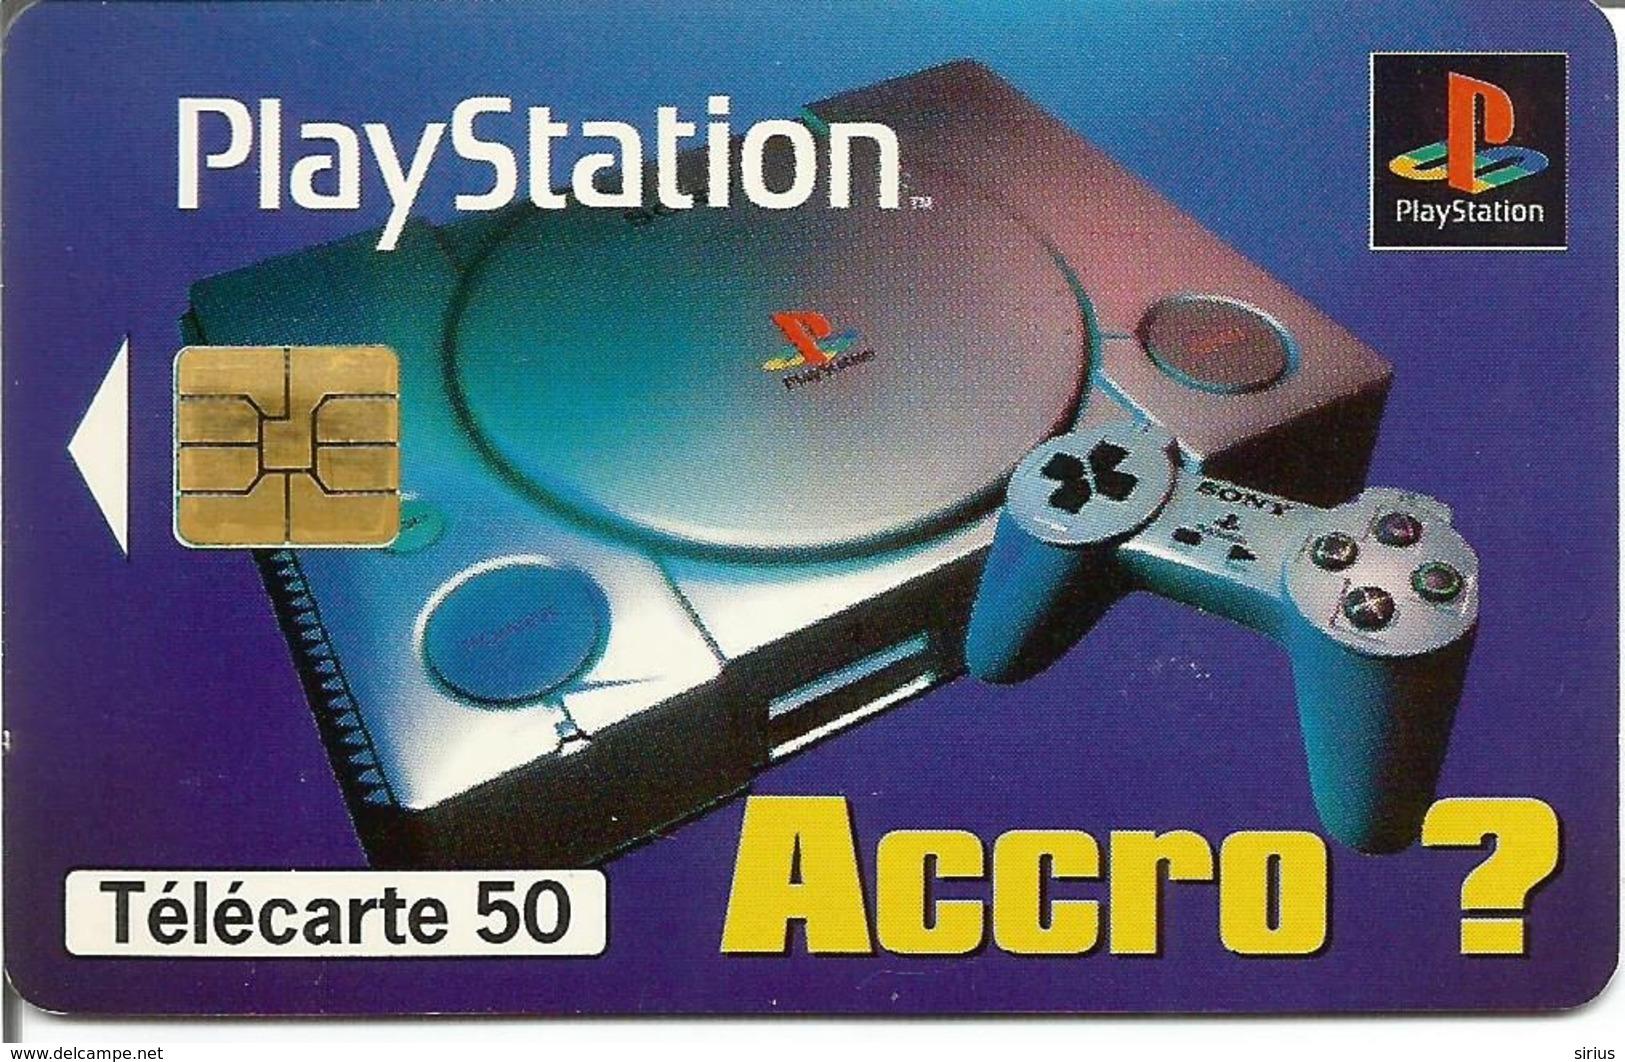 Télécarte SONY PLAYSTATION (Jeux Video) 50 U SO3 - 11/96 Utilisée - Jeux